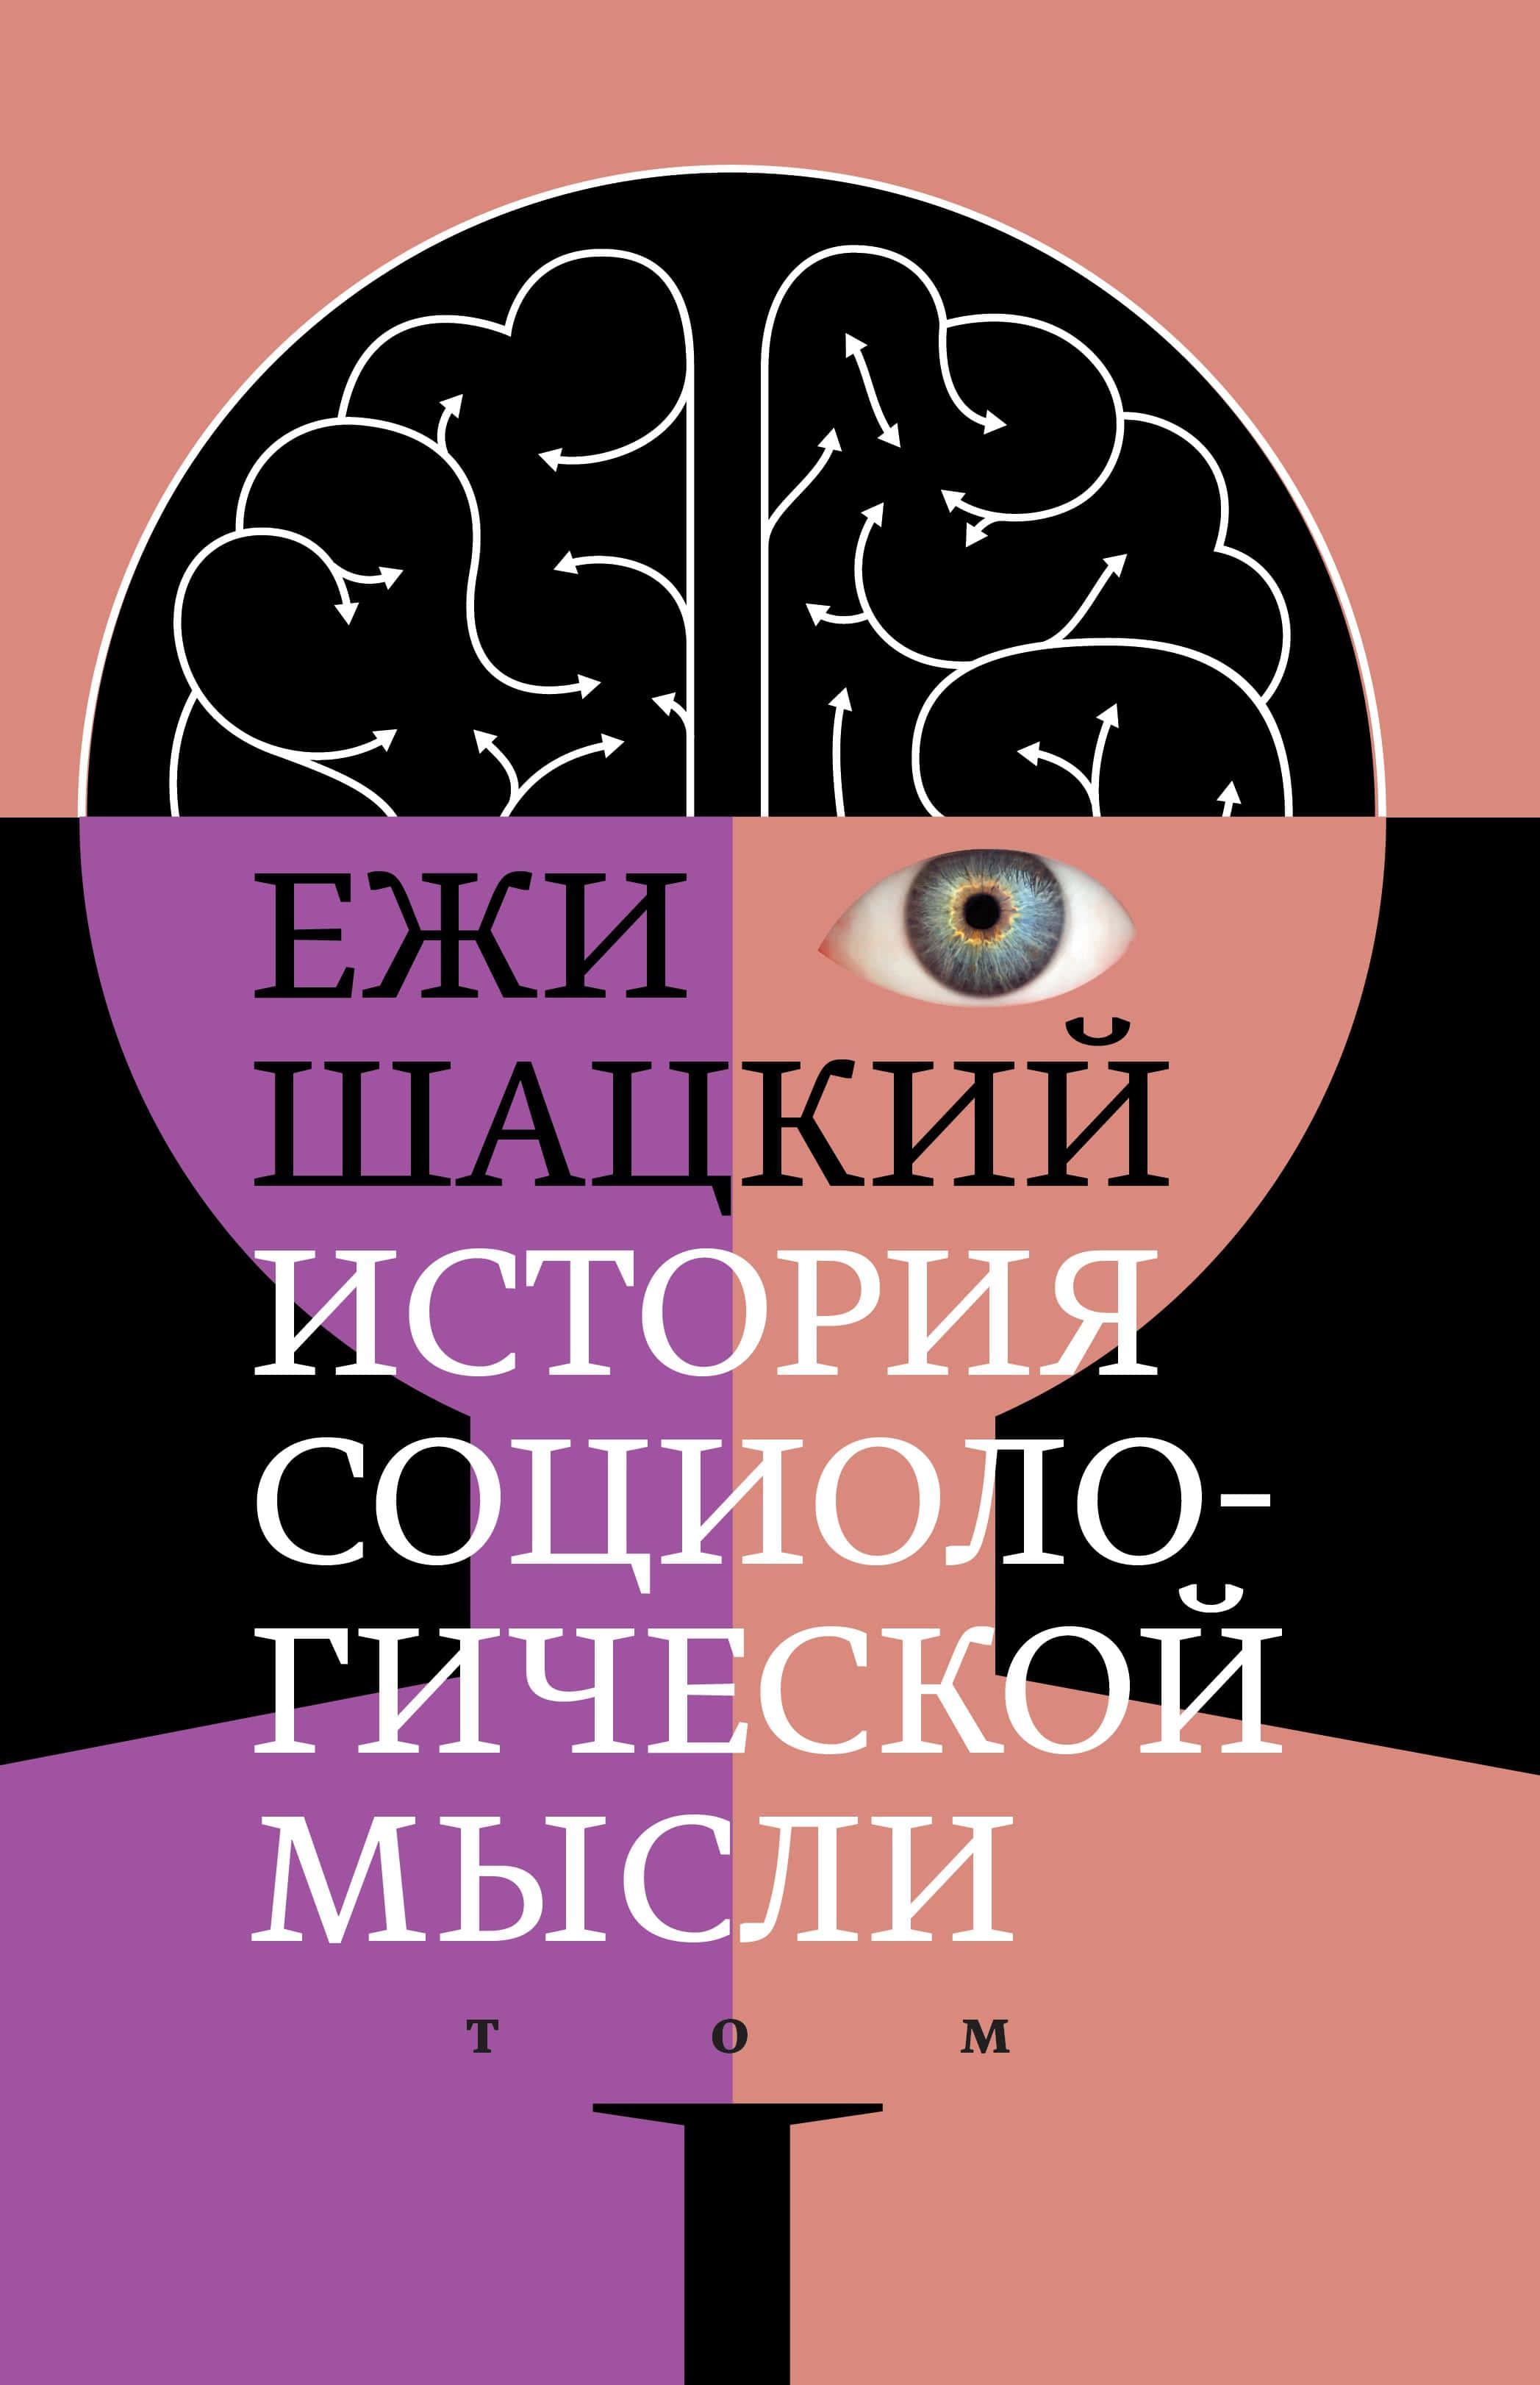 Ежи Шацкий История социологической мысли. Том 1 ежи шацкий история социологической мысли в 2 томах том 2